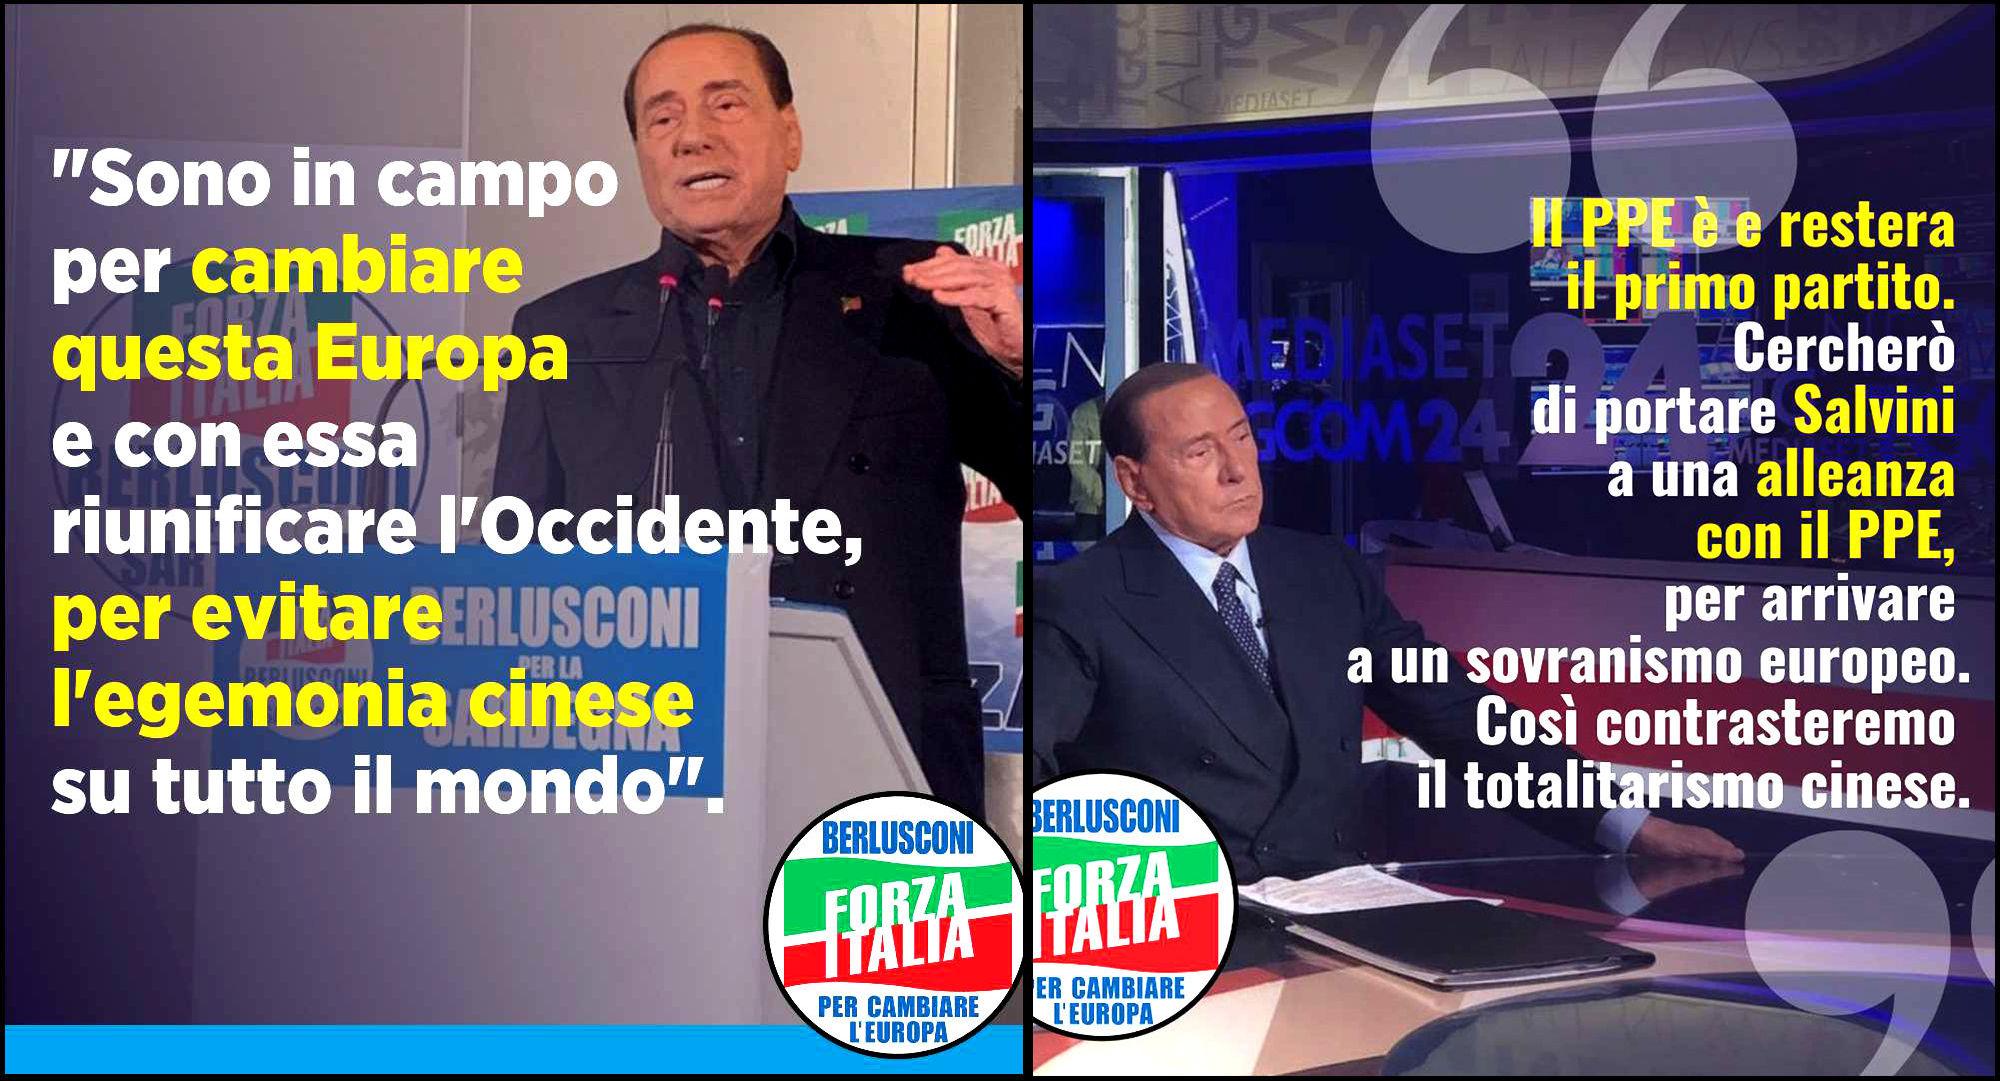 Berlusconi sinofobico